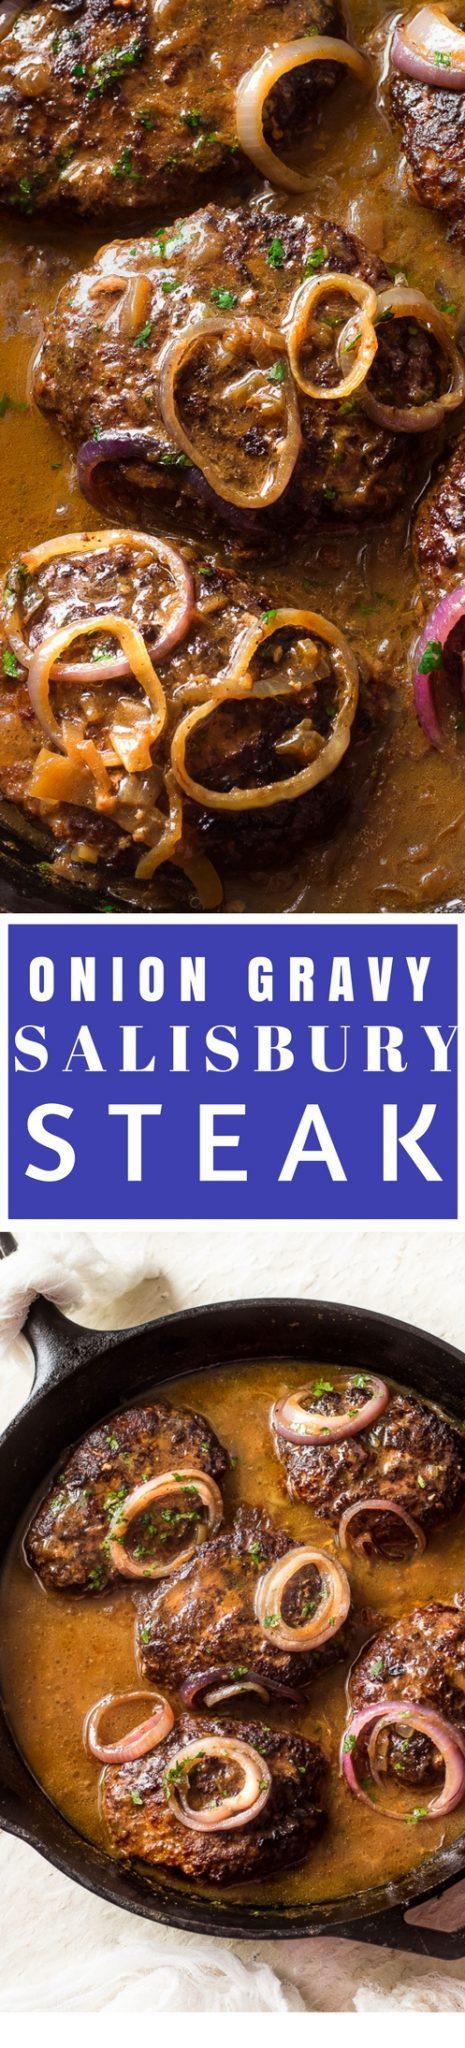 recipe for salisbury steak